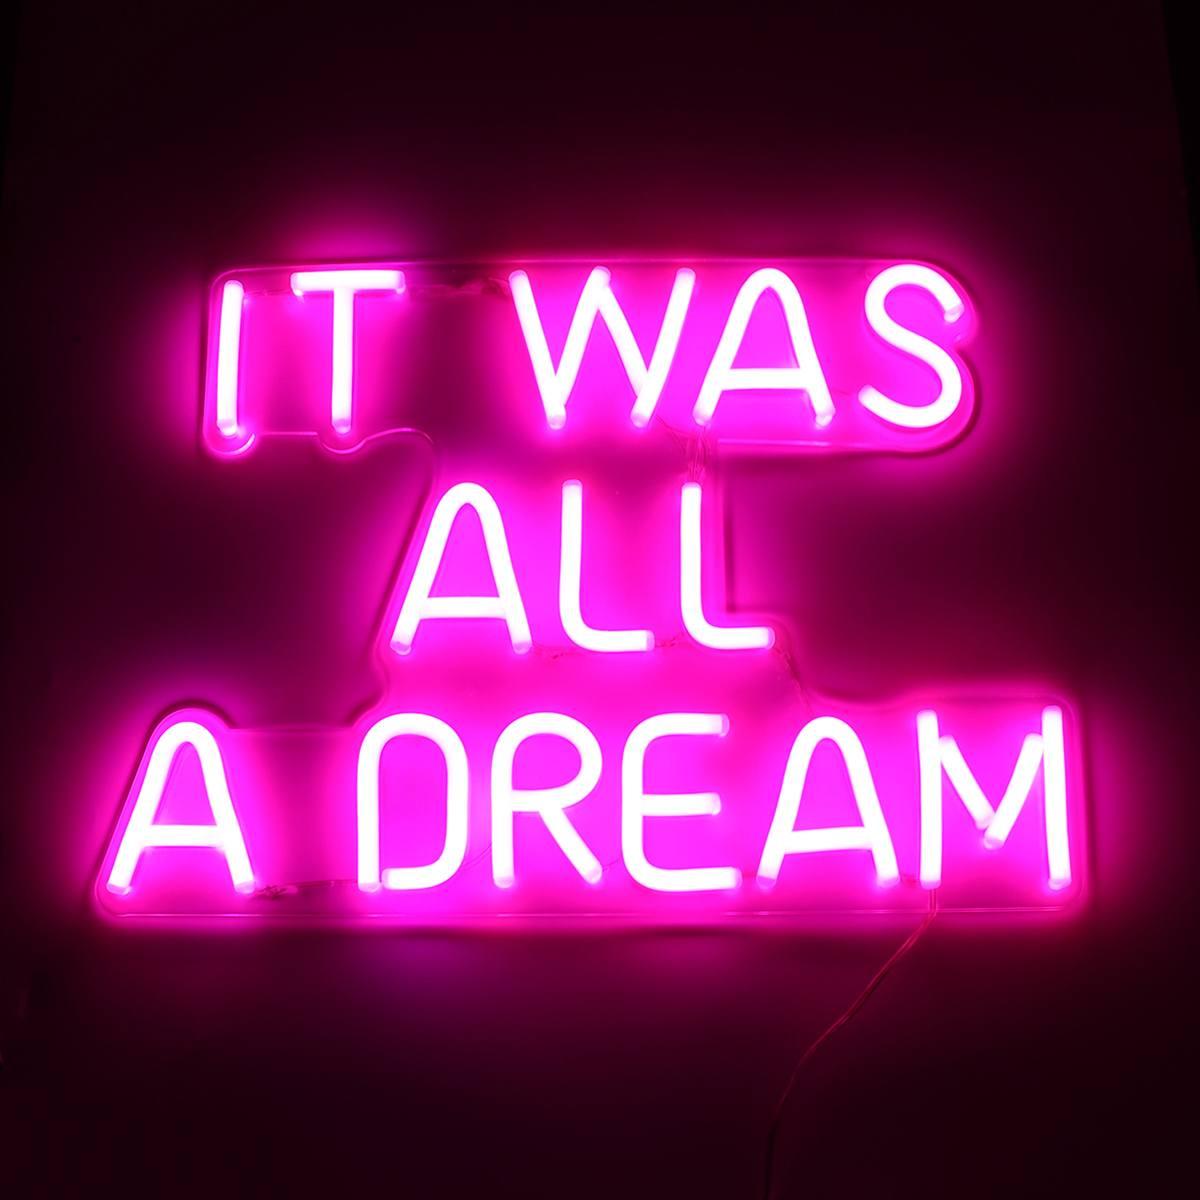 Décoration murale de barre d'illustration visuelle faite à la main éclairage Commercial ampoules au néon colorées c'était tout un Tube de lumière LED de signe de néon de rêve